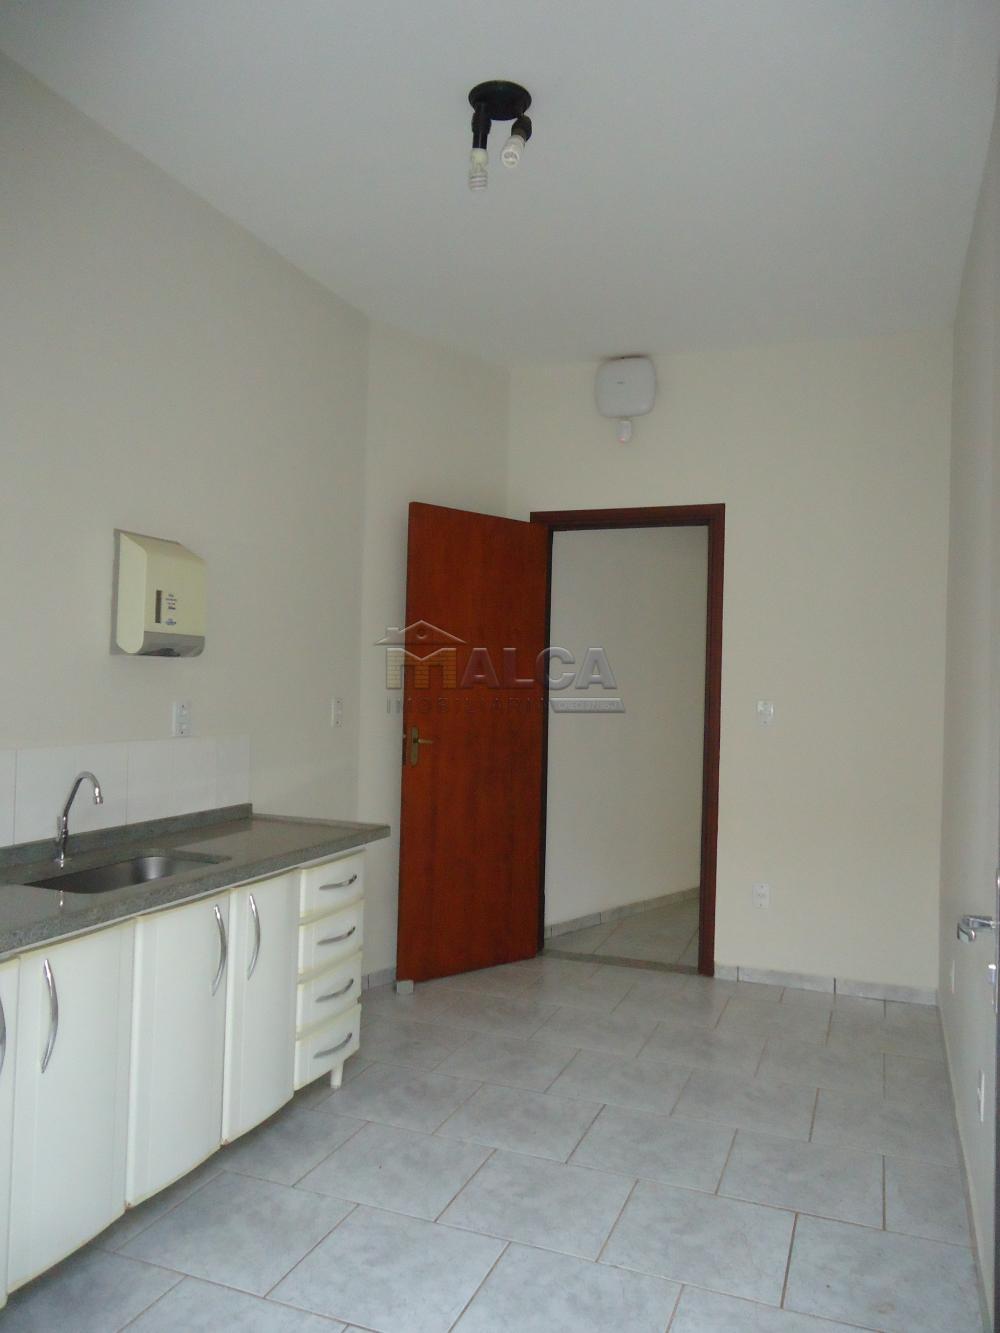 Alugar Comerciais / Salas em São José do Rio Pardo R$ 1.700,00 - Foto 19